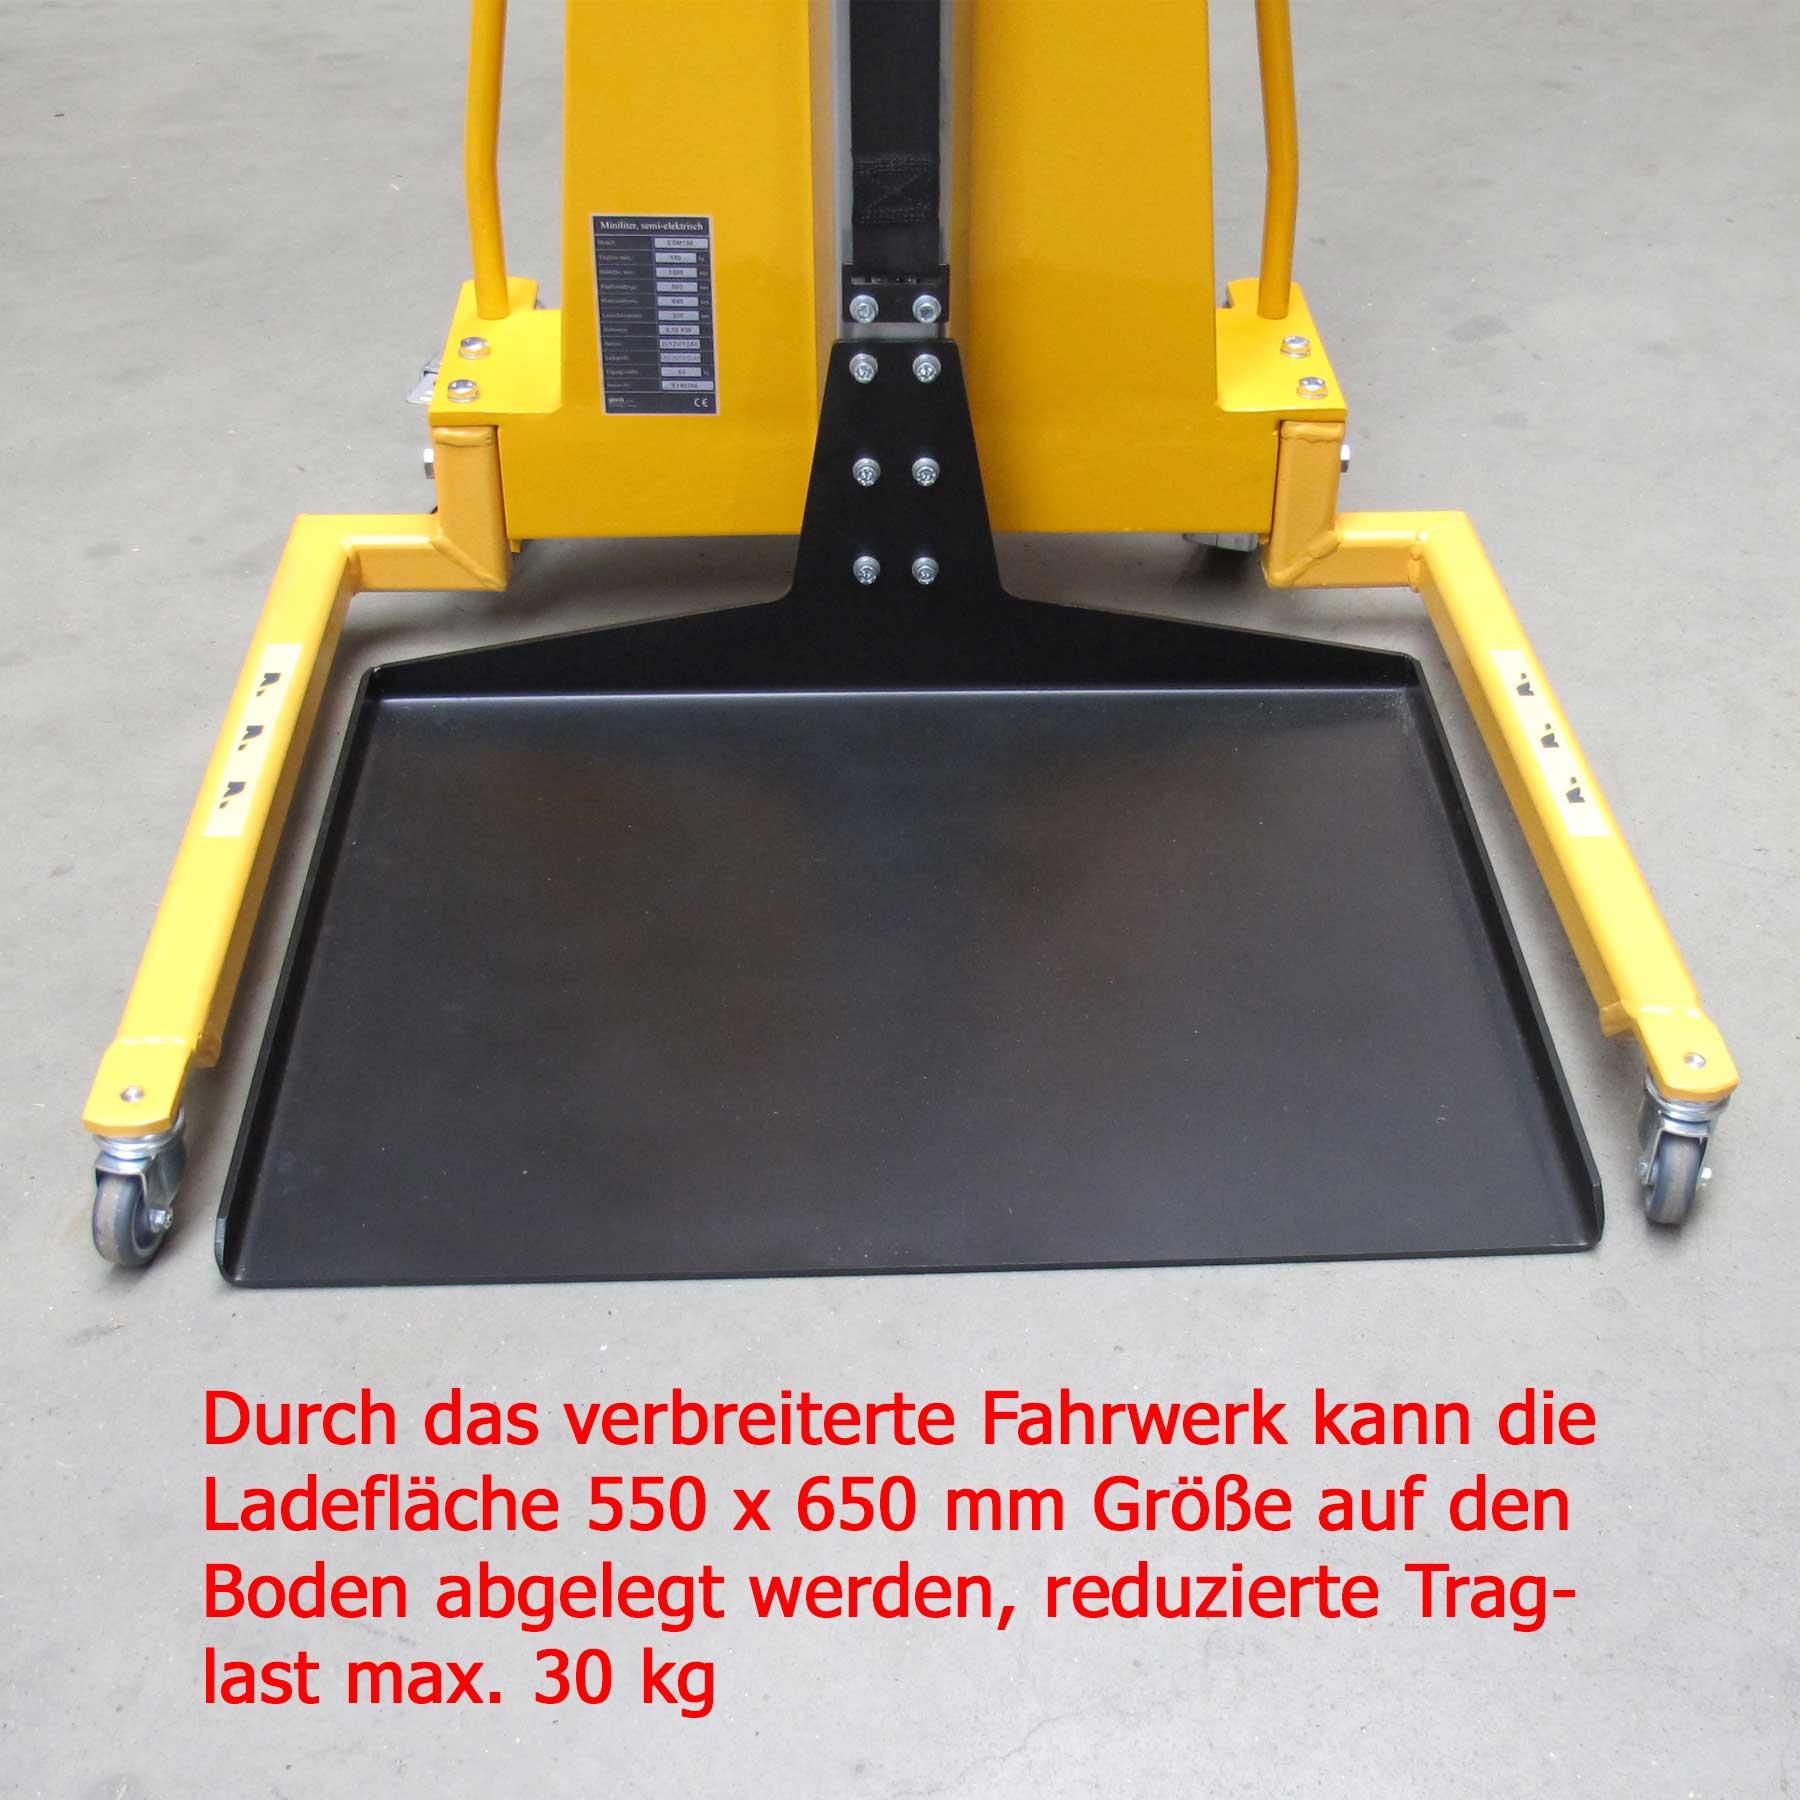 Elektrischer Minilifter mit Breitspurfahrwerk und flach auf dem Boden liegender Plattform 550 mm x 650 mm bei Traglast 30 kg